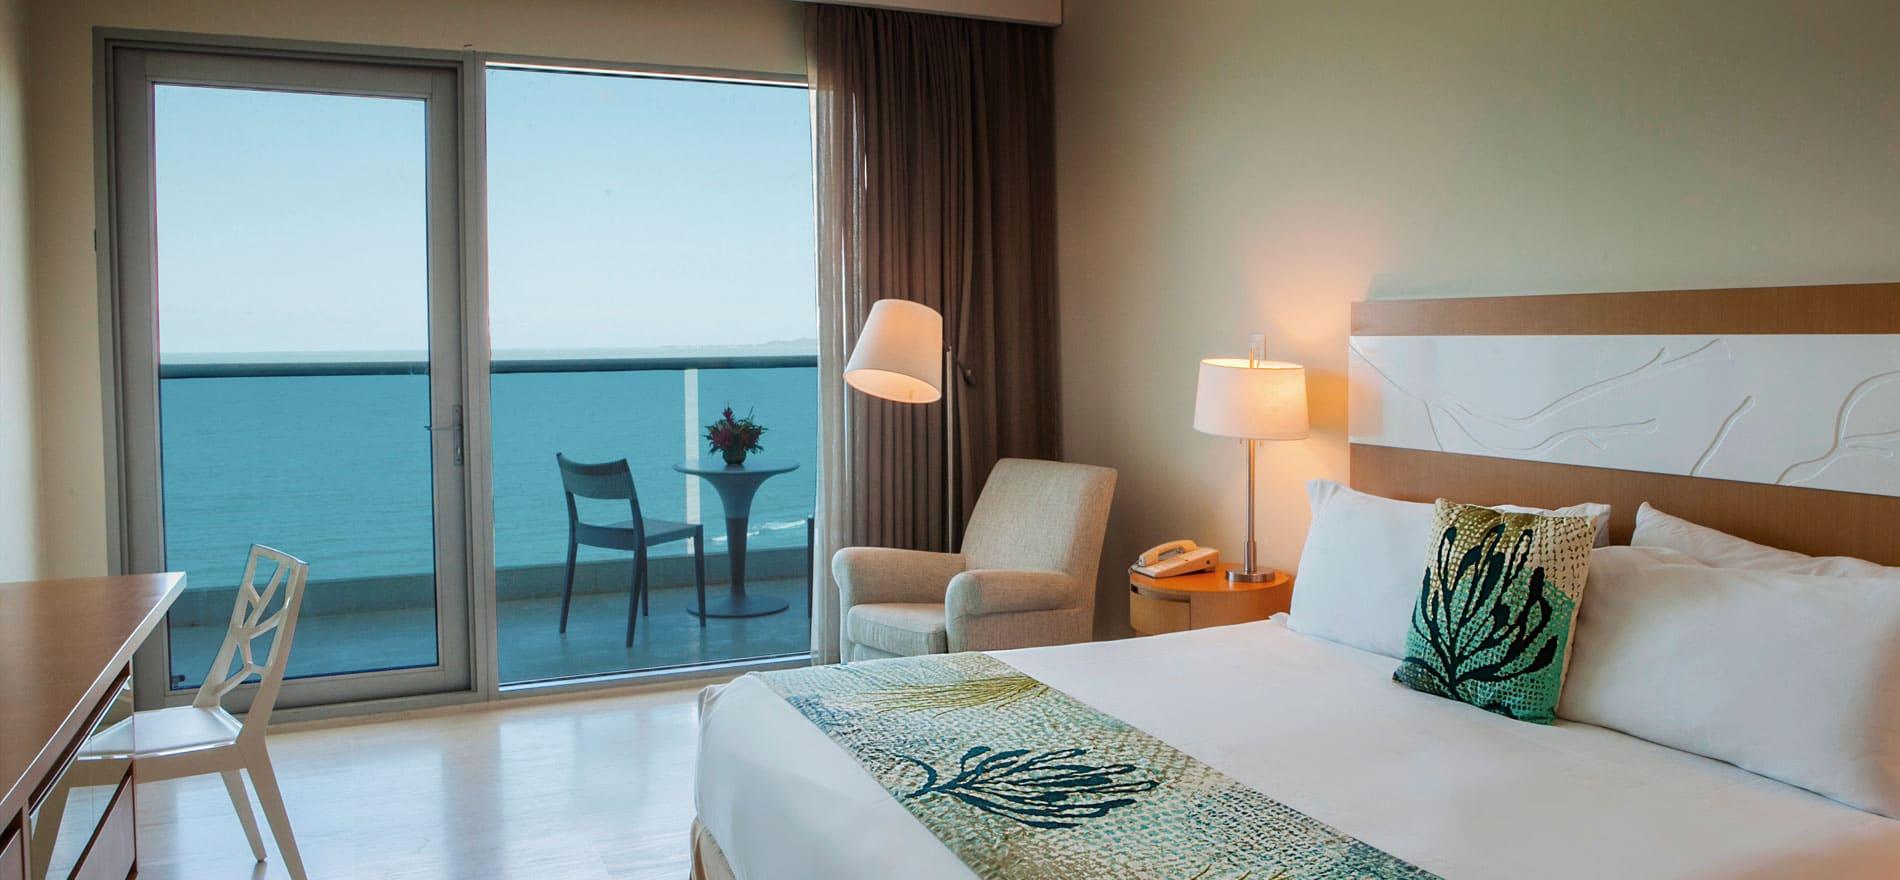 Habitaciones en cartagena Junio Suite en el hotel Torre del Mar